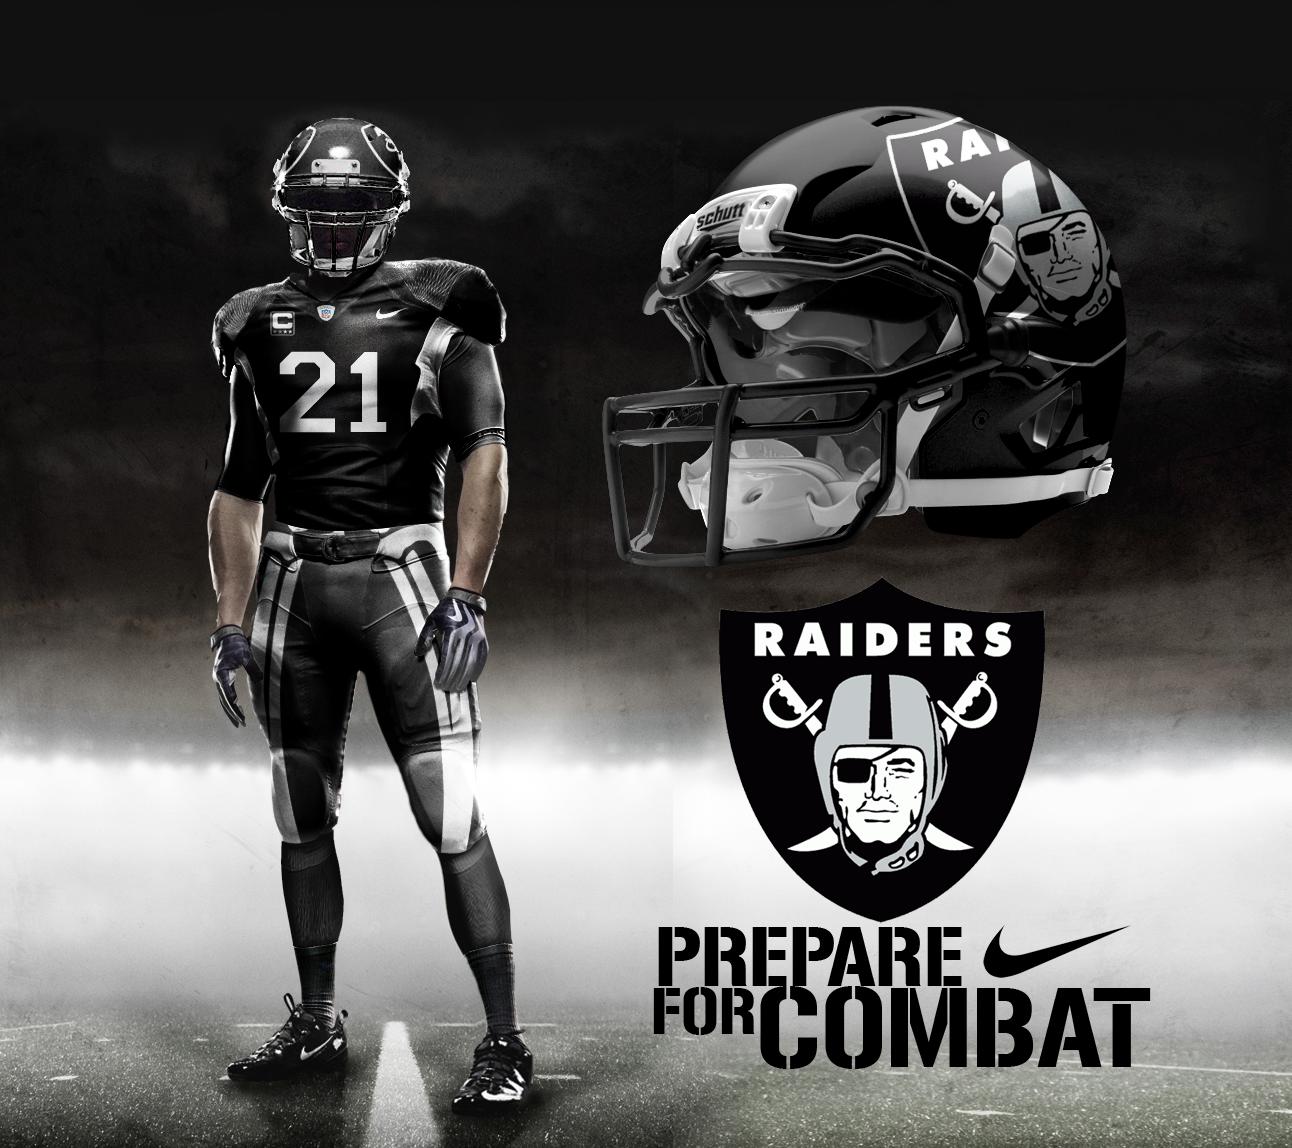 raiders - Buscar con Google Jugadores De Futbol Americano 726b49c2b94